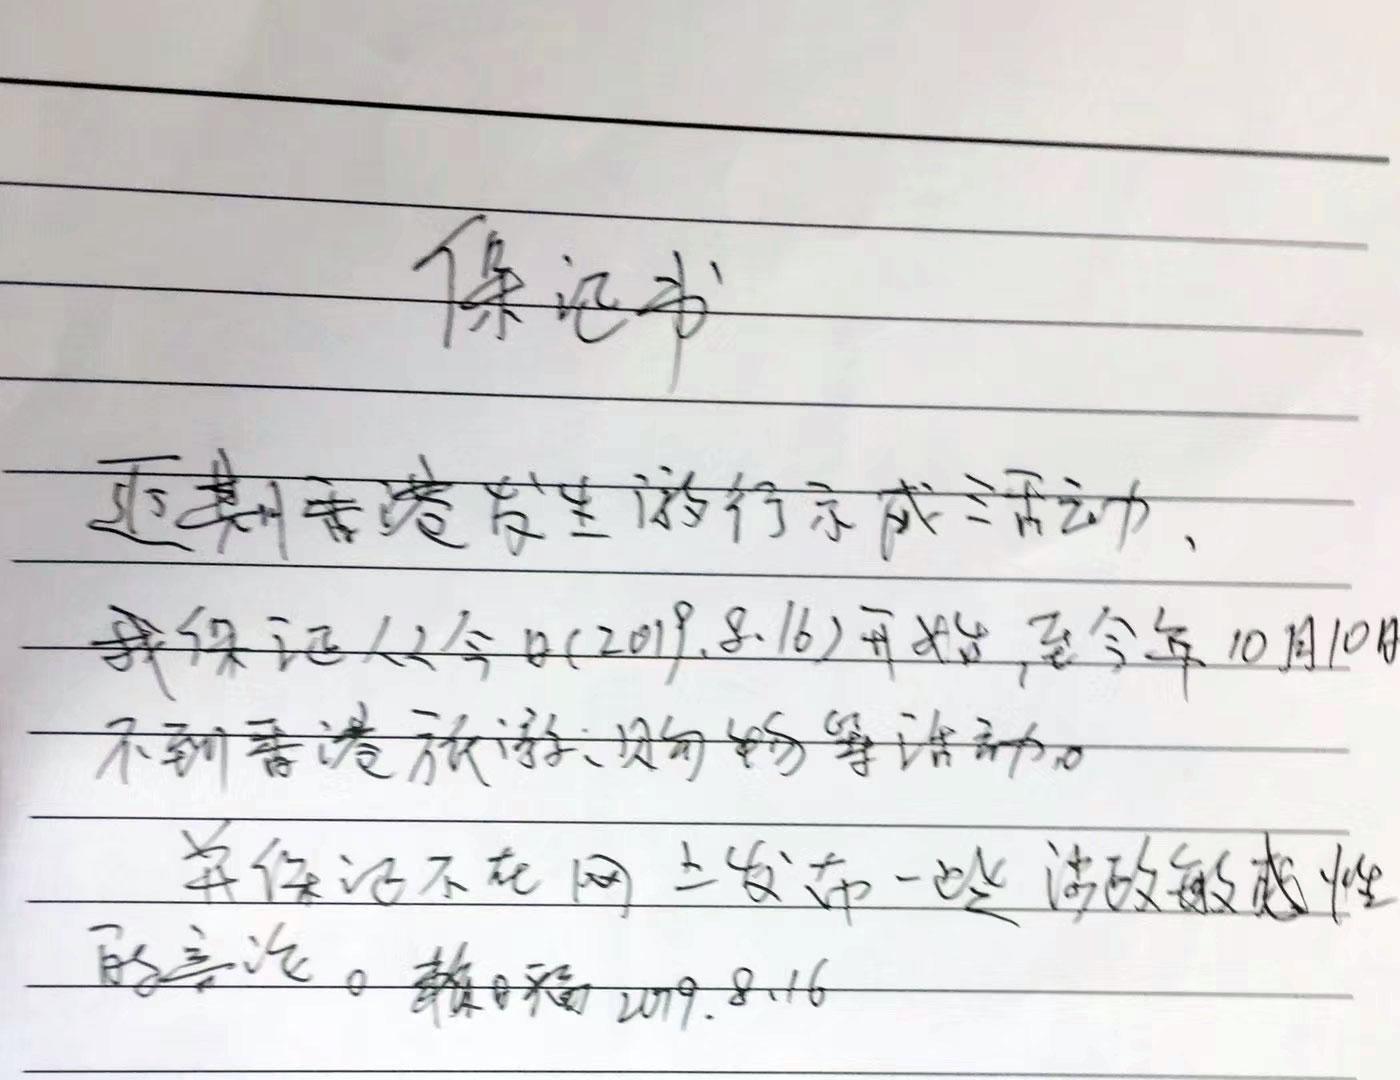 广州维权人士赖日福被公安要求签署保证书,承诺近期不前往香港。(赖日福提供,拍摄日期不详)